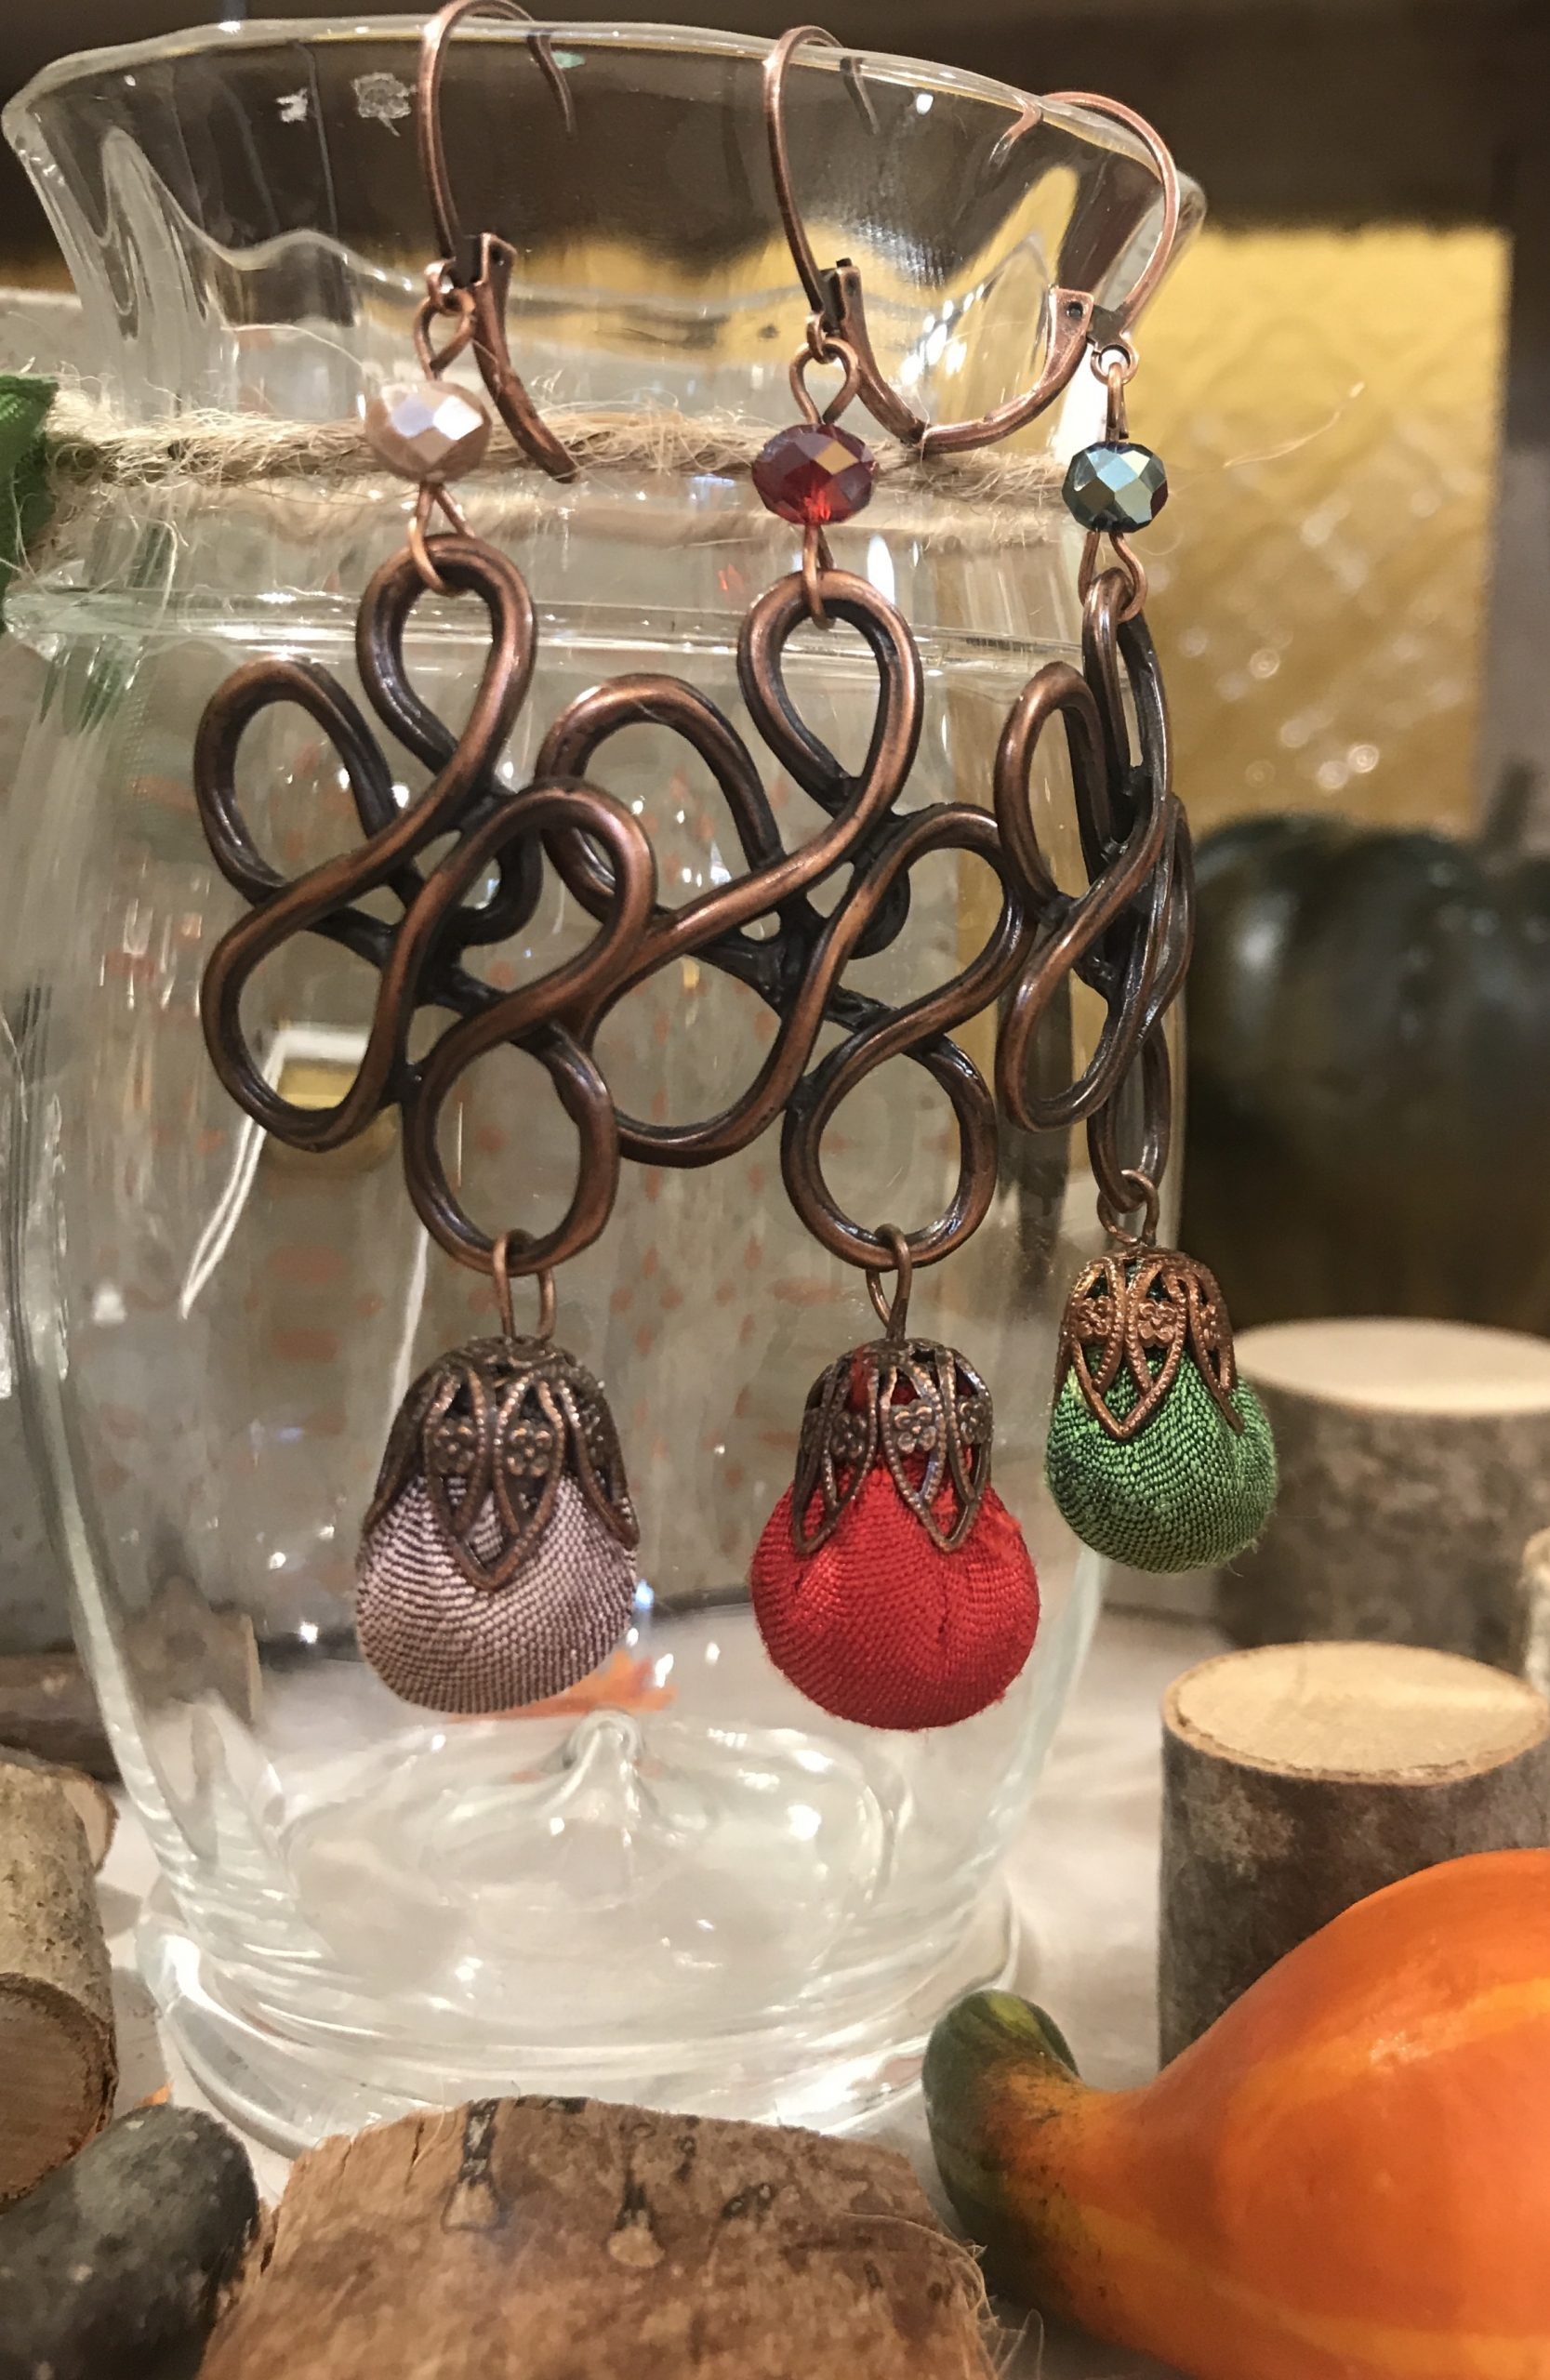 Orecchini con cristalli e boccioli in shantung di seta